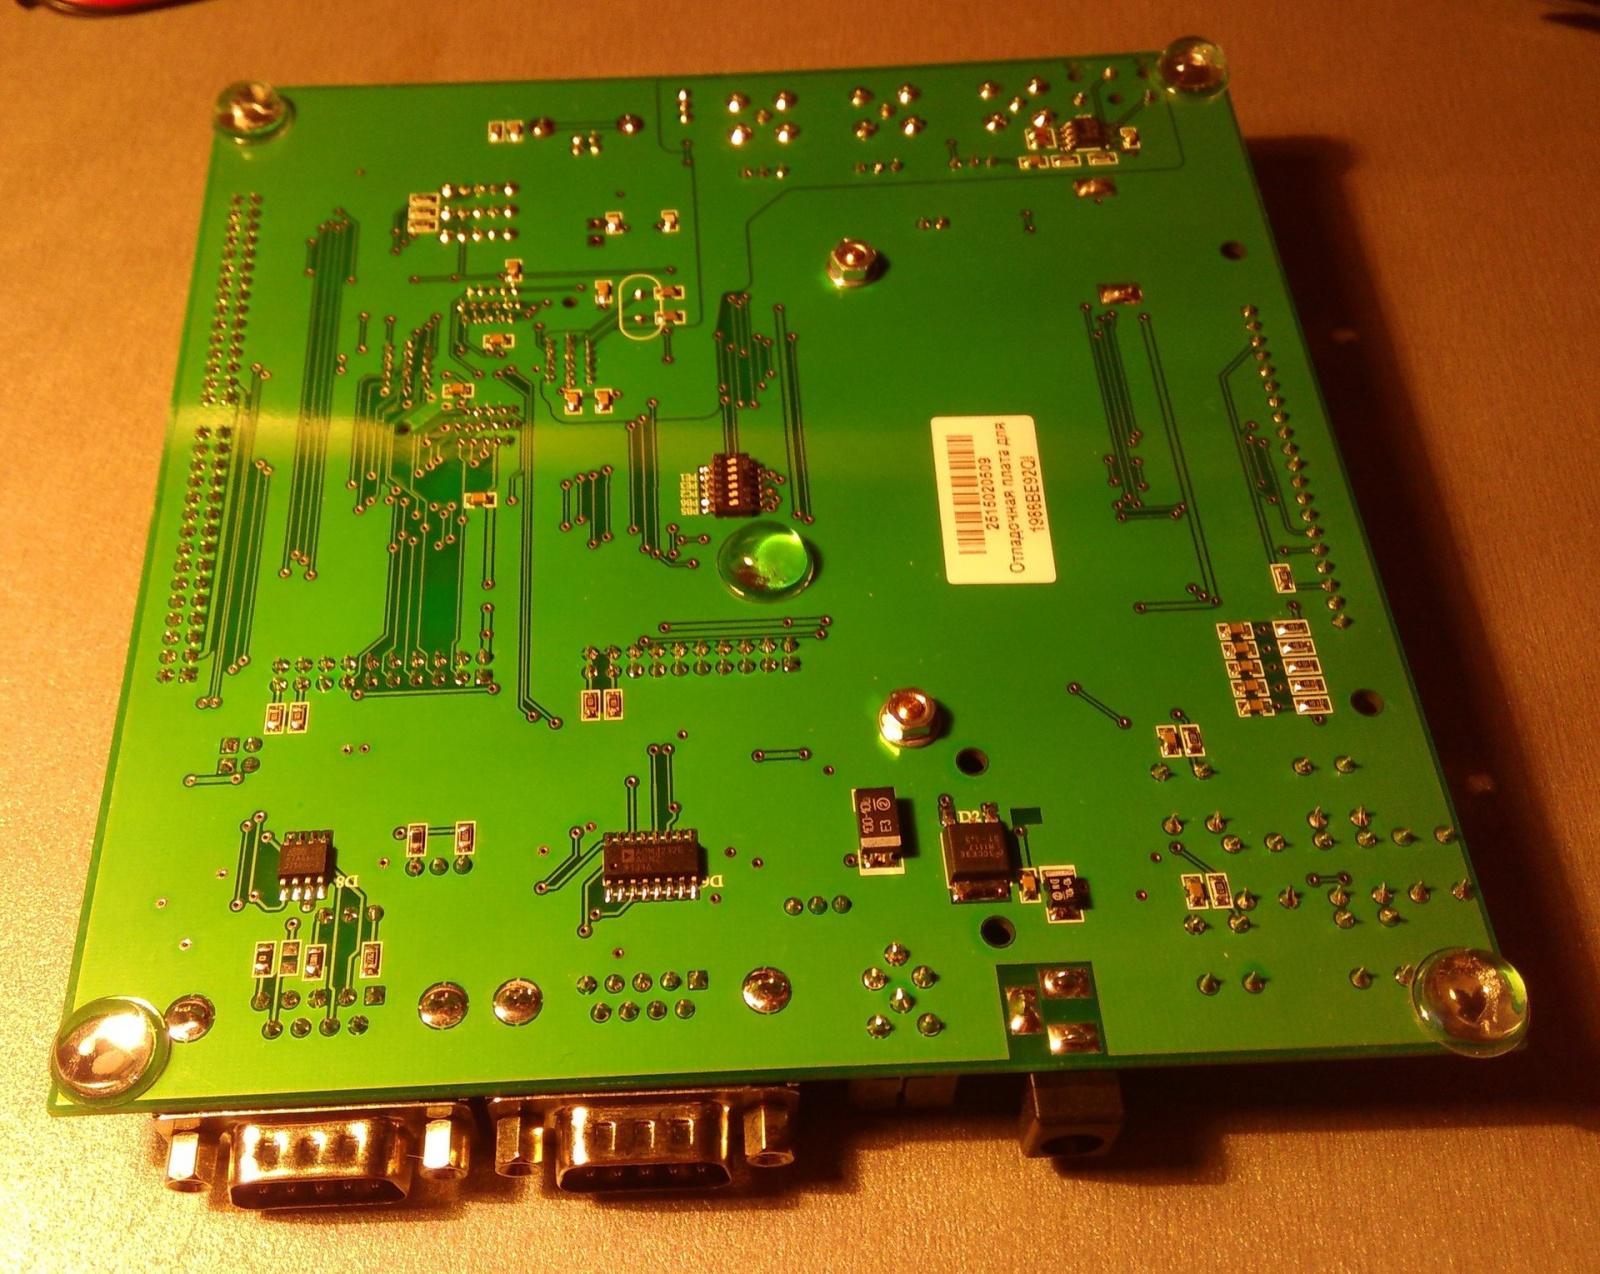 Переходим с STM32F103 на К1986ВЕ92QI. Или первое знакомство с российским микроконтроллером - 15